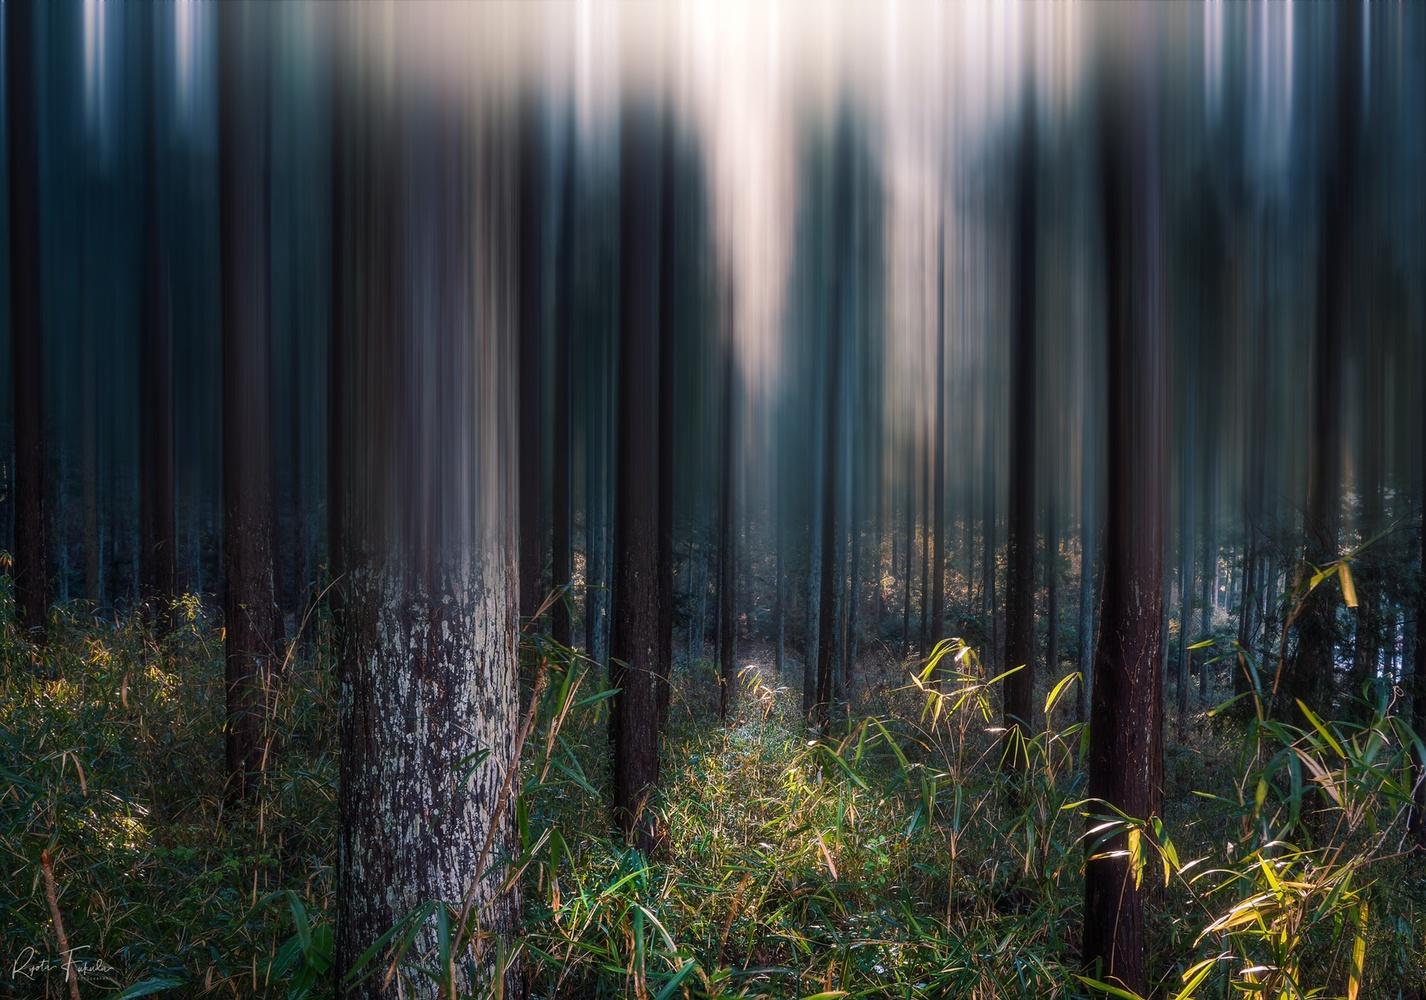 Lighting by Ryota Fukuda